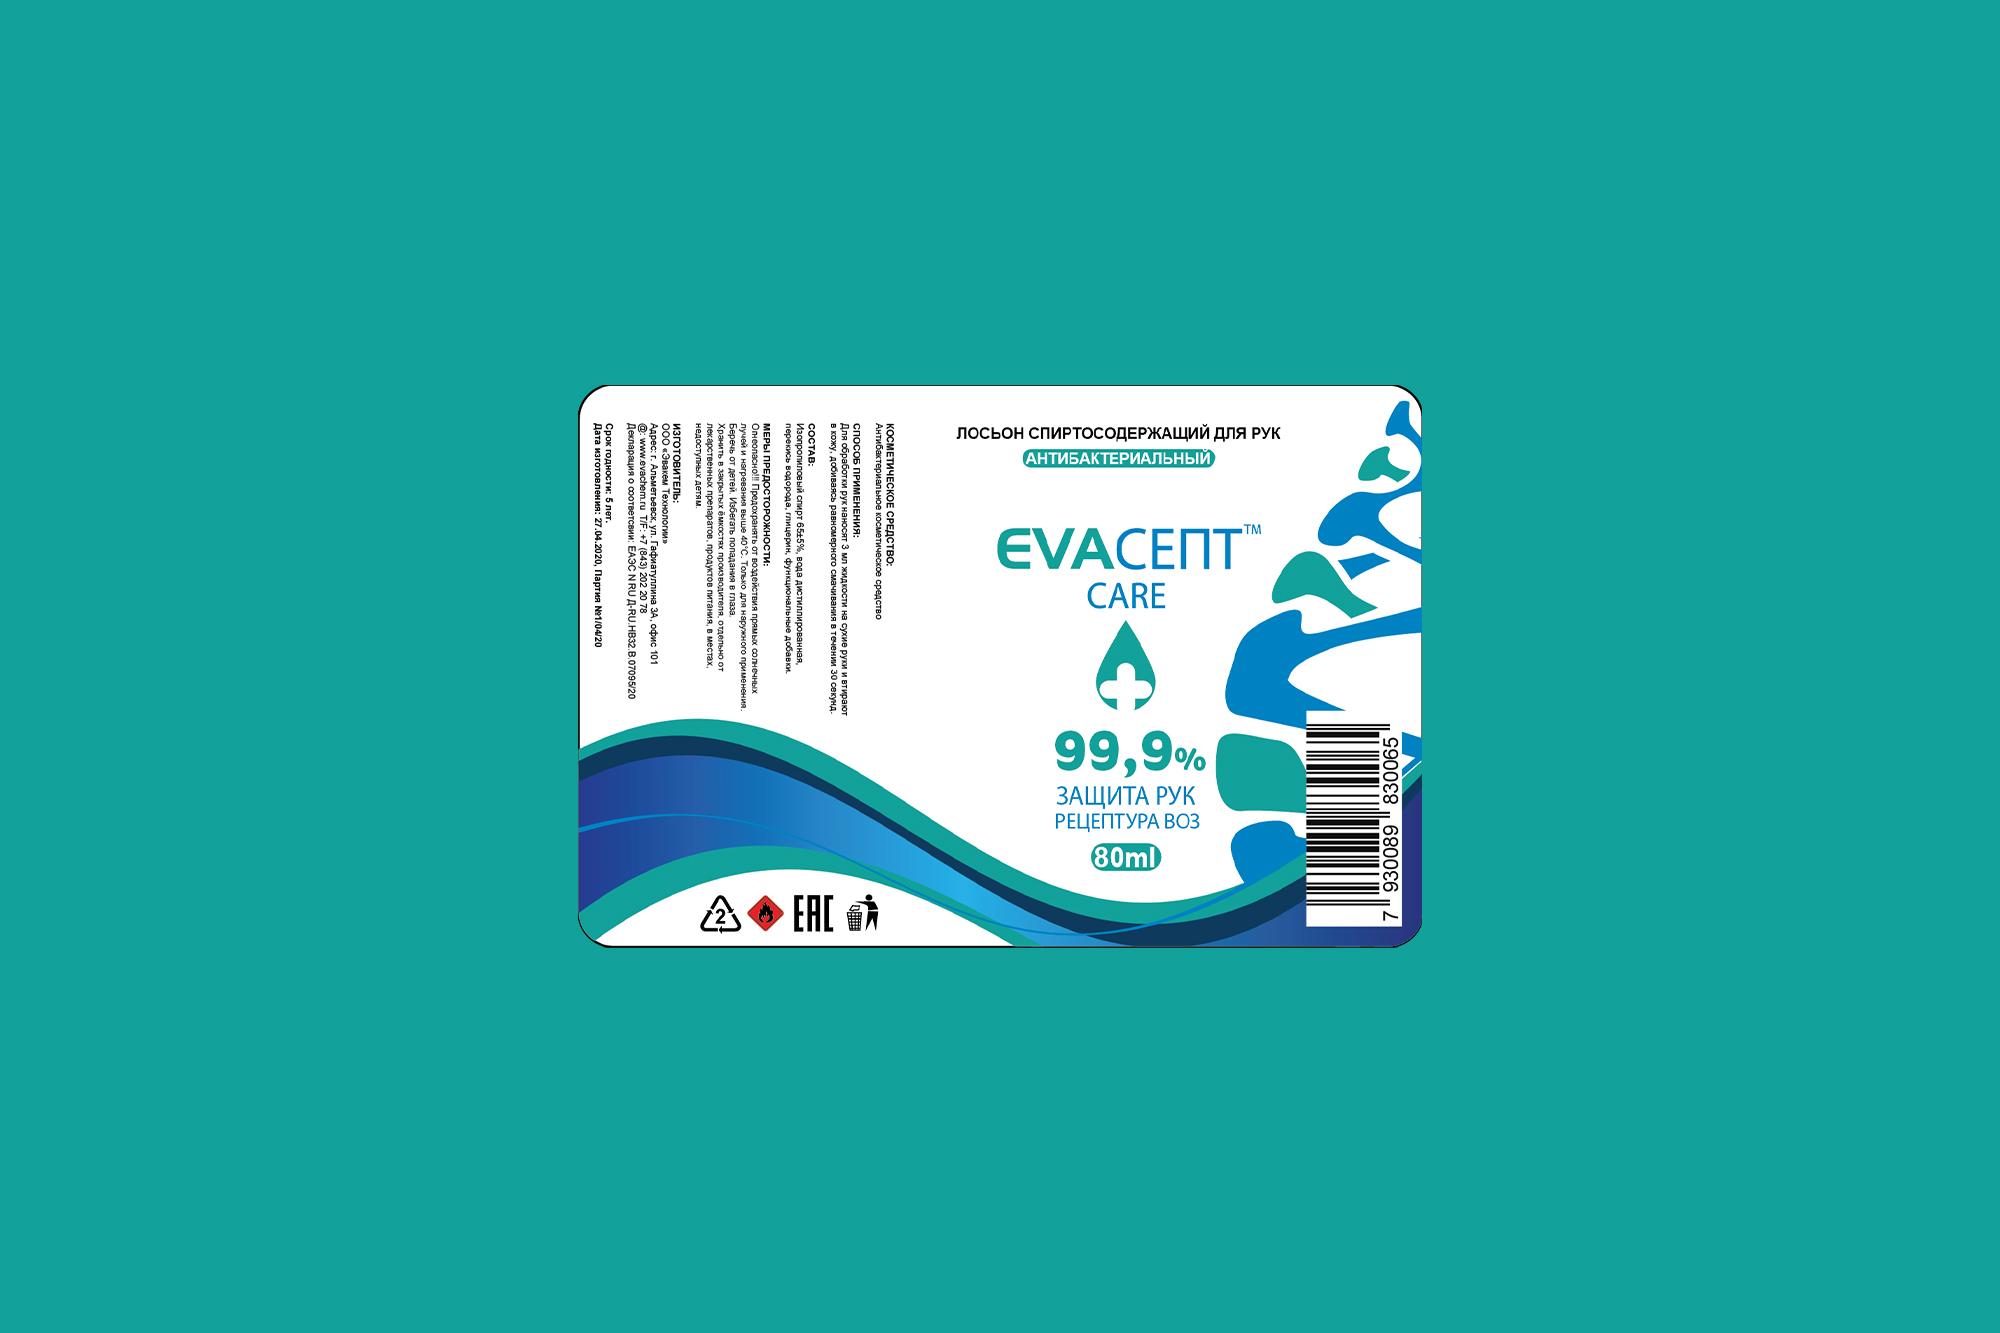 Доработать этикетку кожного антисептика фото f_6525eb090cd0d70e.jpg